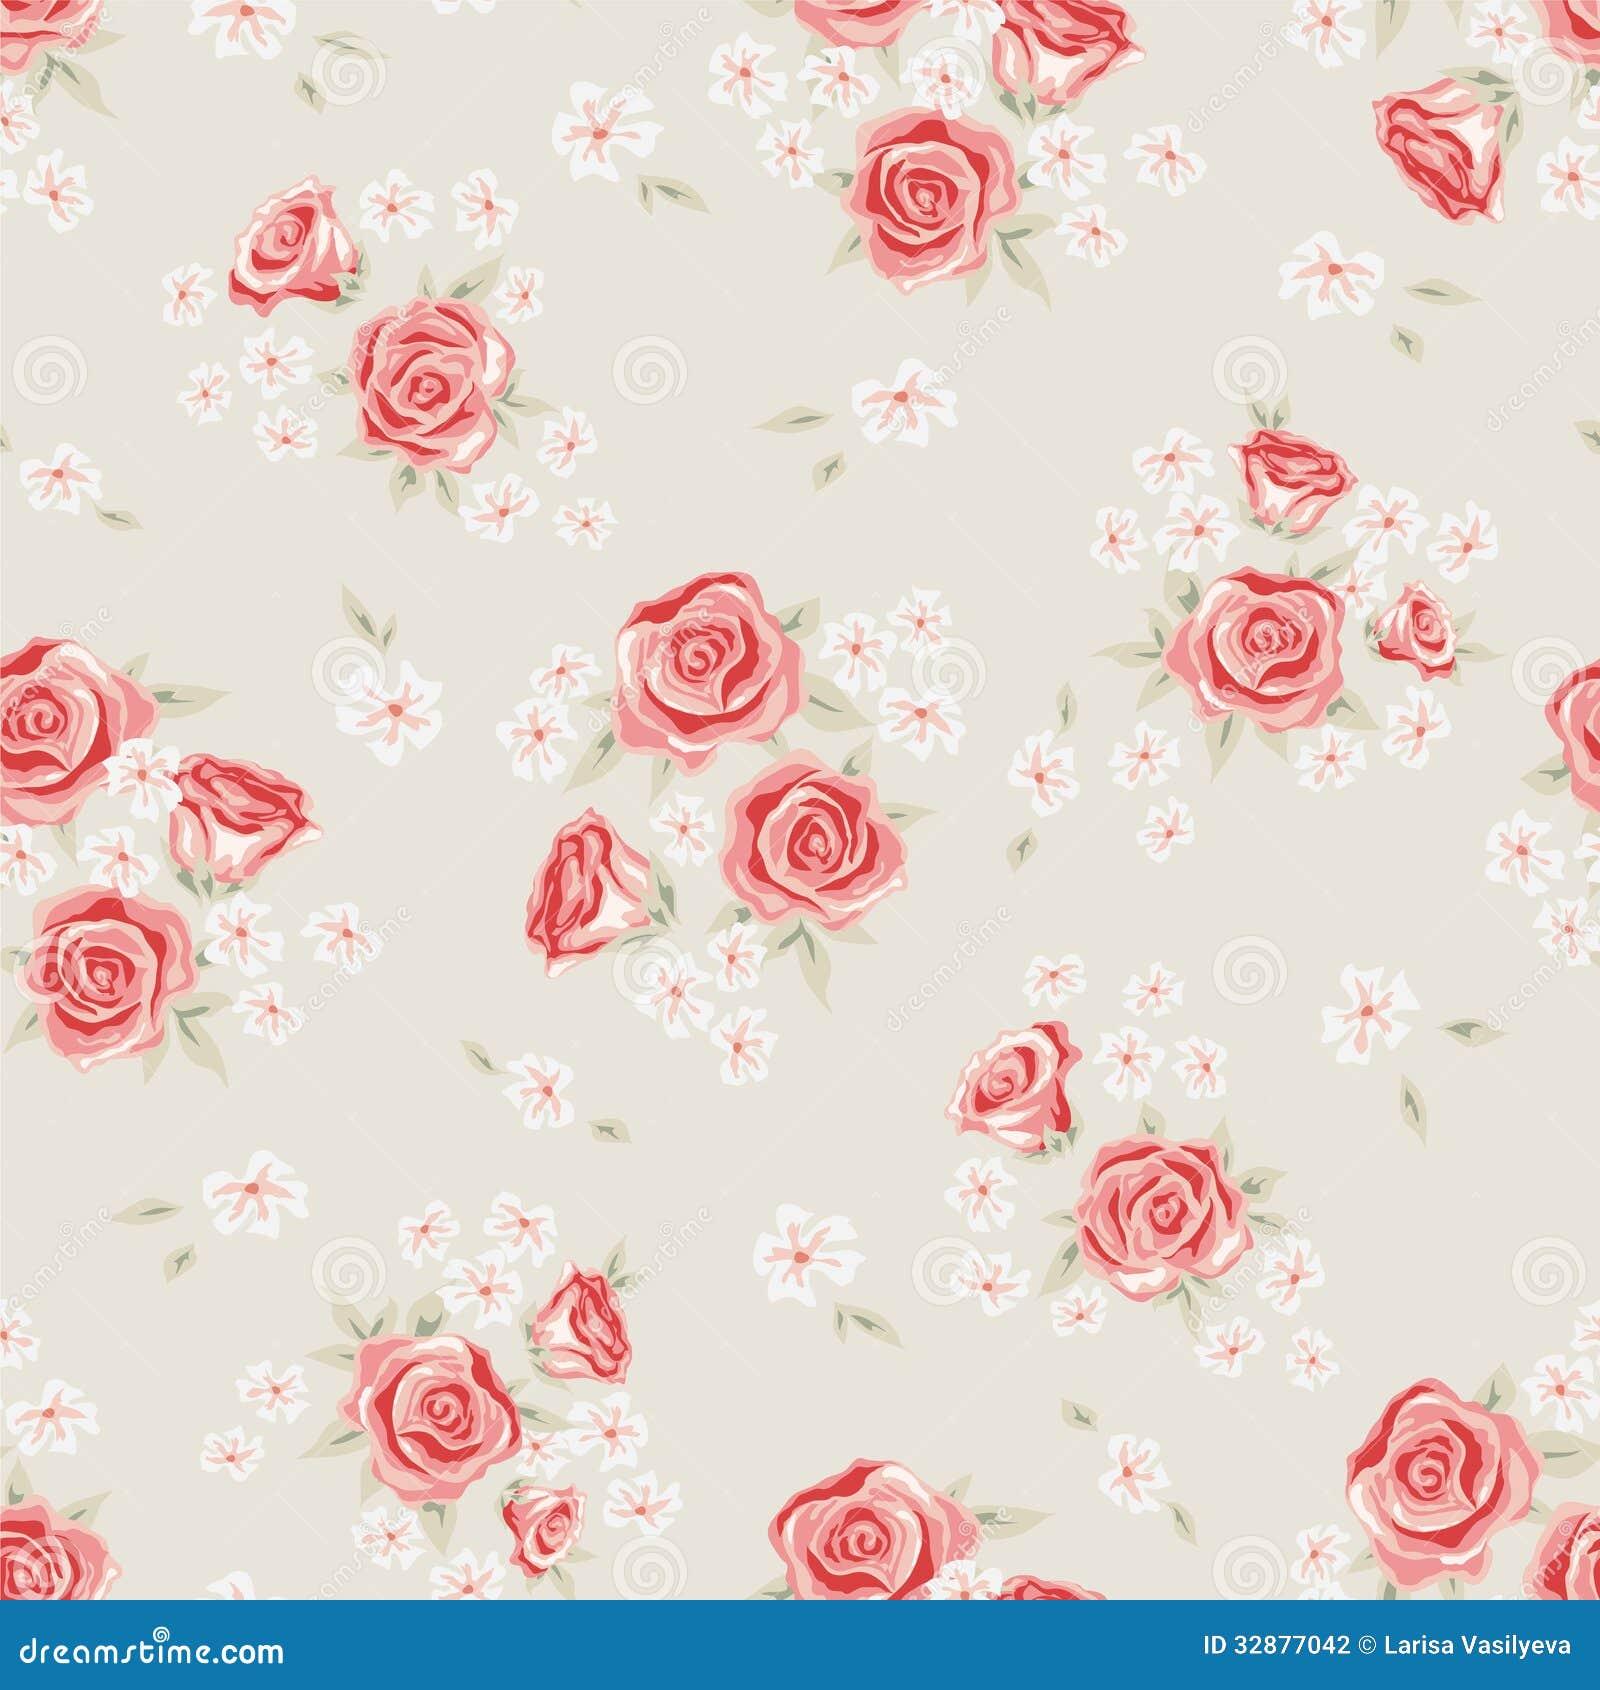 Фоны роз для скрапбукинга 13 фотография